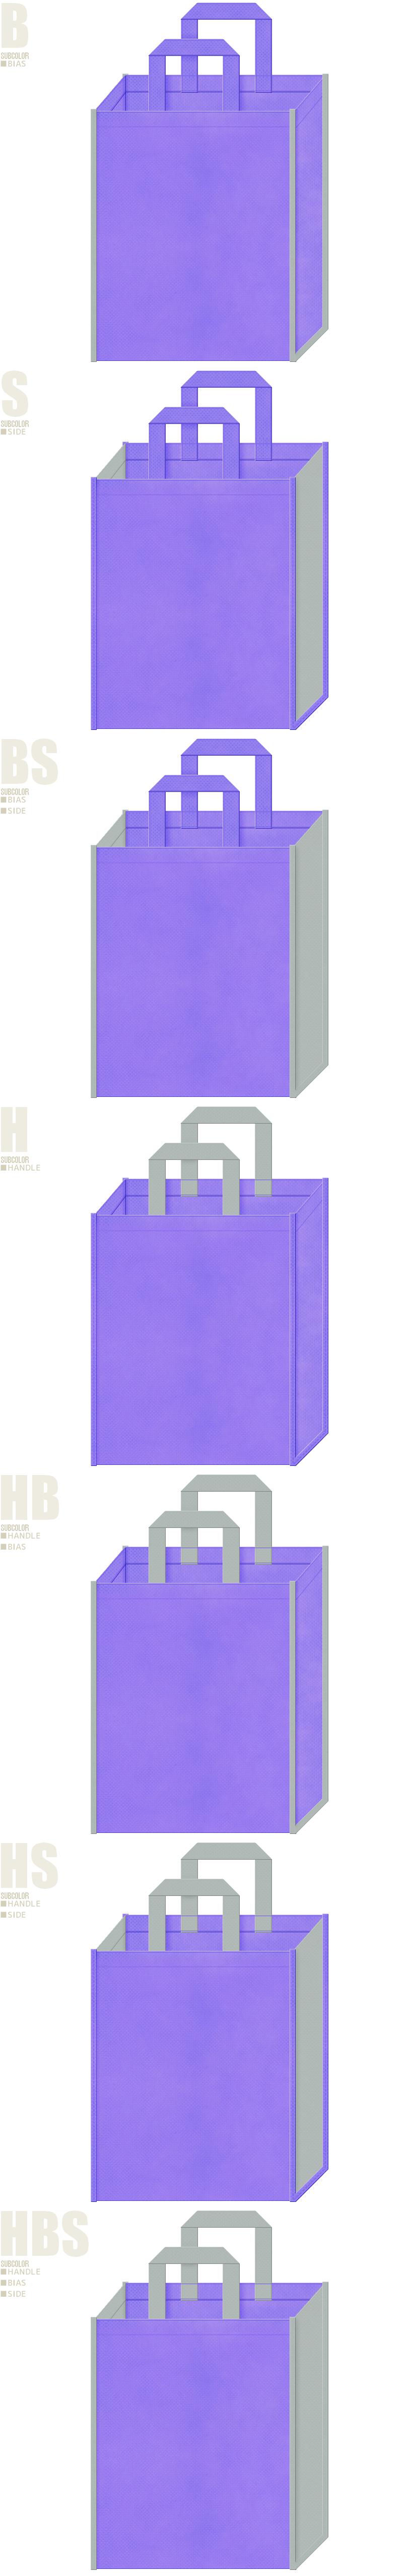 オフィスウェア・事務服・制服・サービスロボット・産業ロボット・ラジコン・プラモデル・ホビーのイベントにお奨めの不織布バッグデザイン:薄紫色とグレー色の配色7パターン